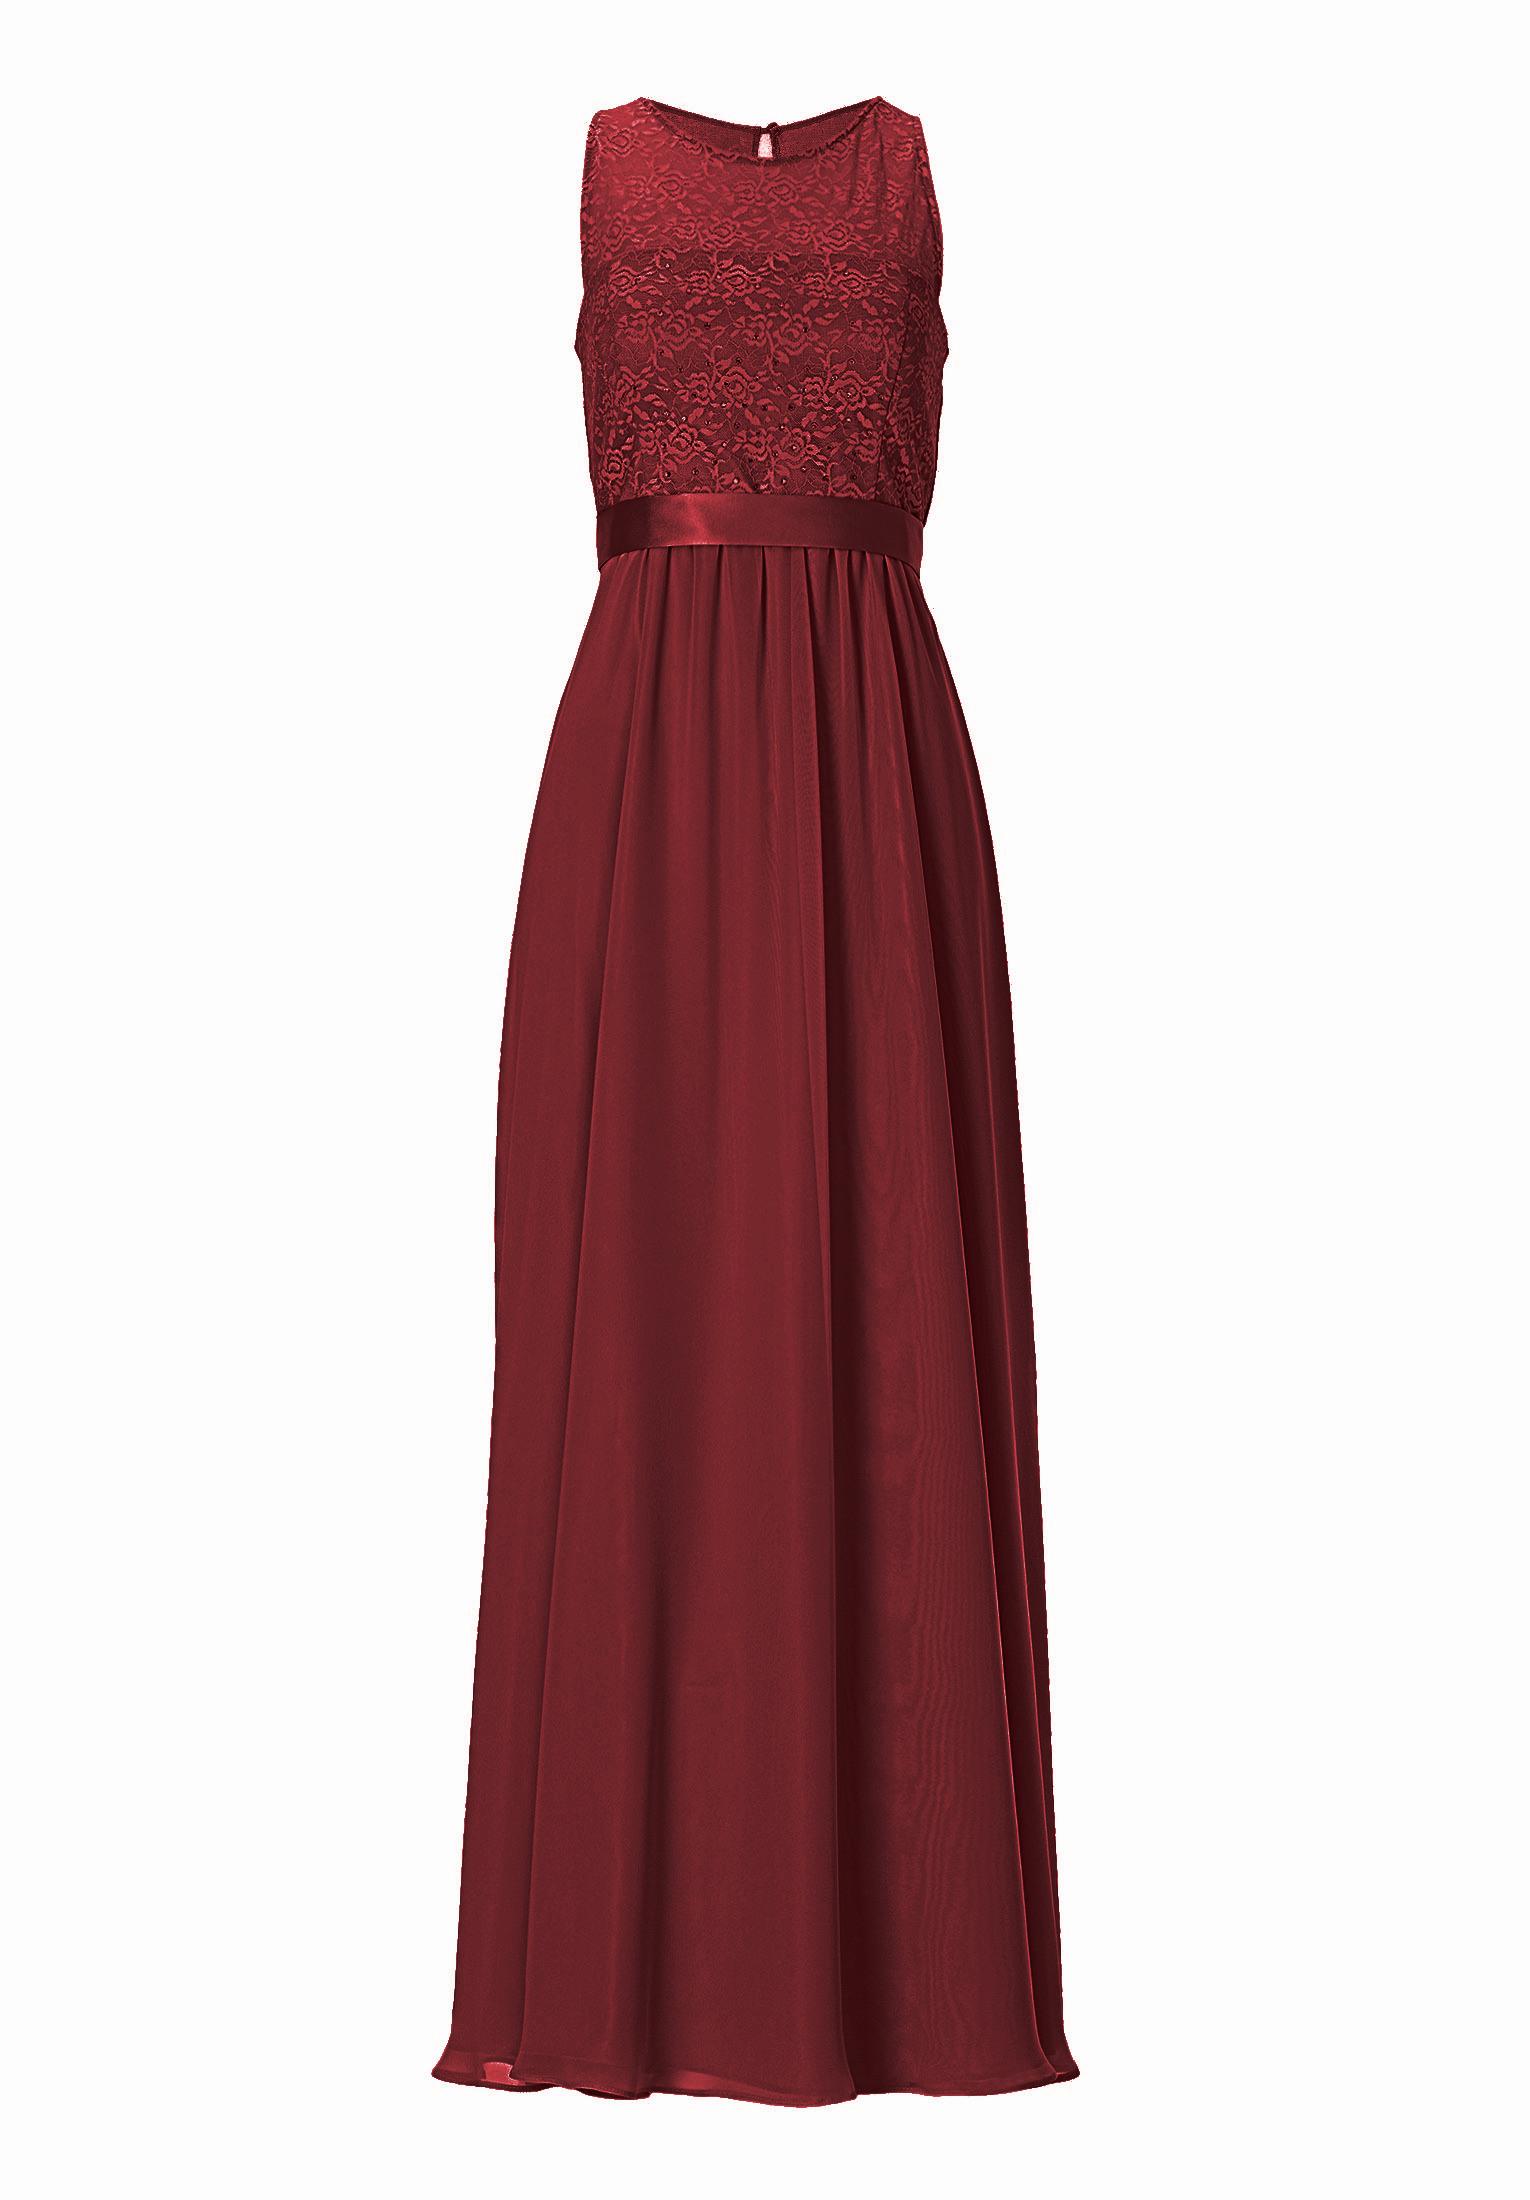 Schön Xscape Abendkleid VertriebAbend Einzigartig Xscape Abendkleid Stylish